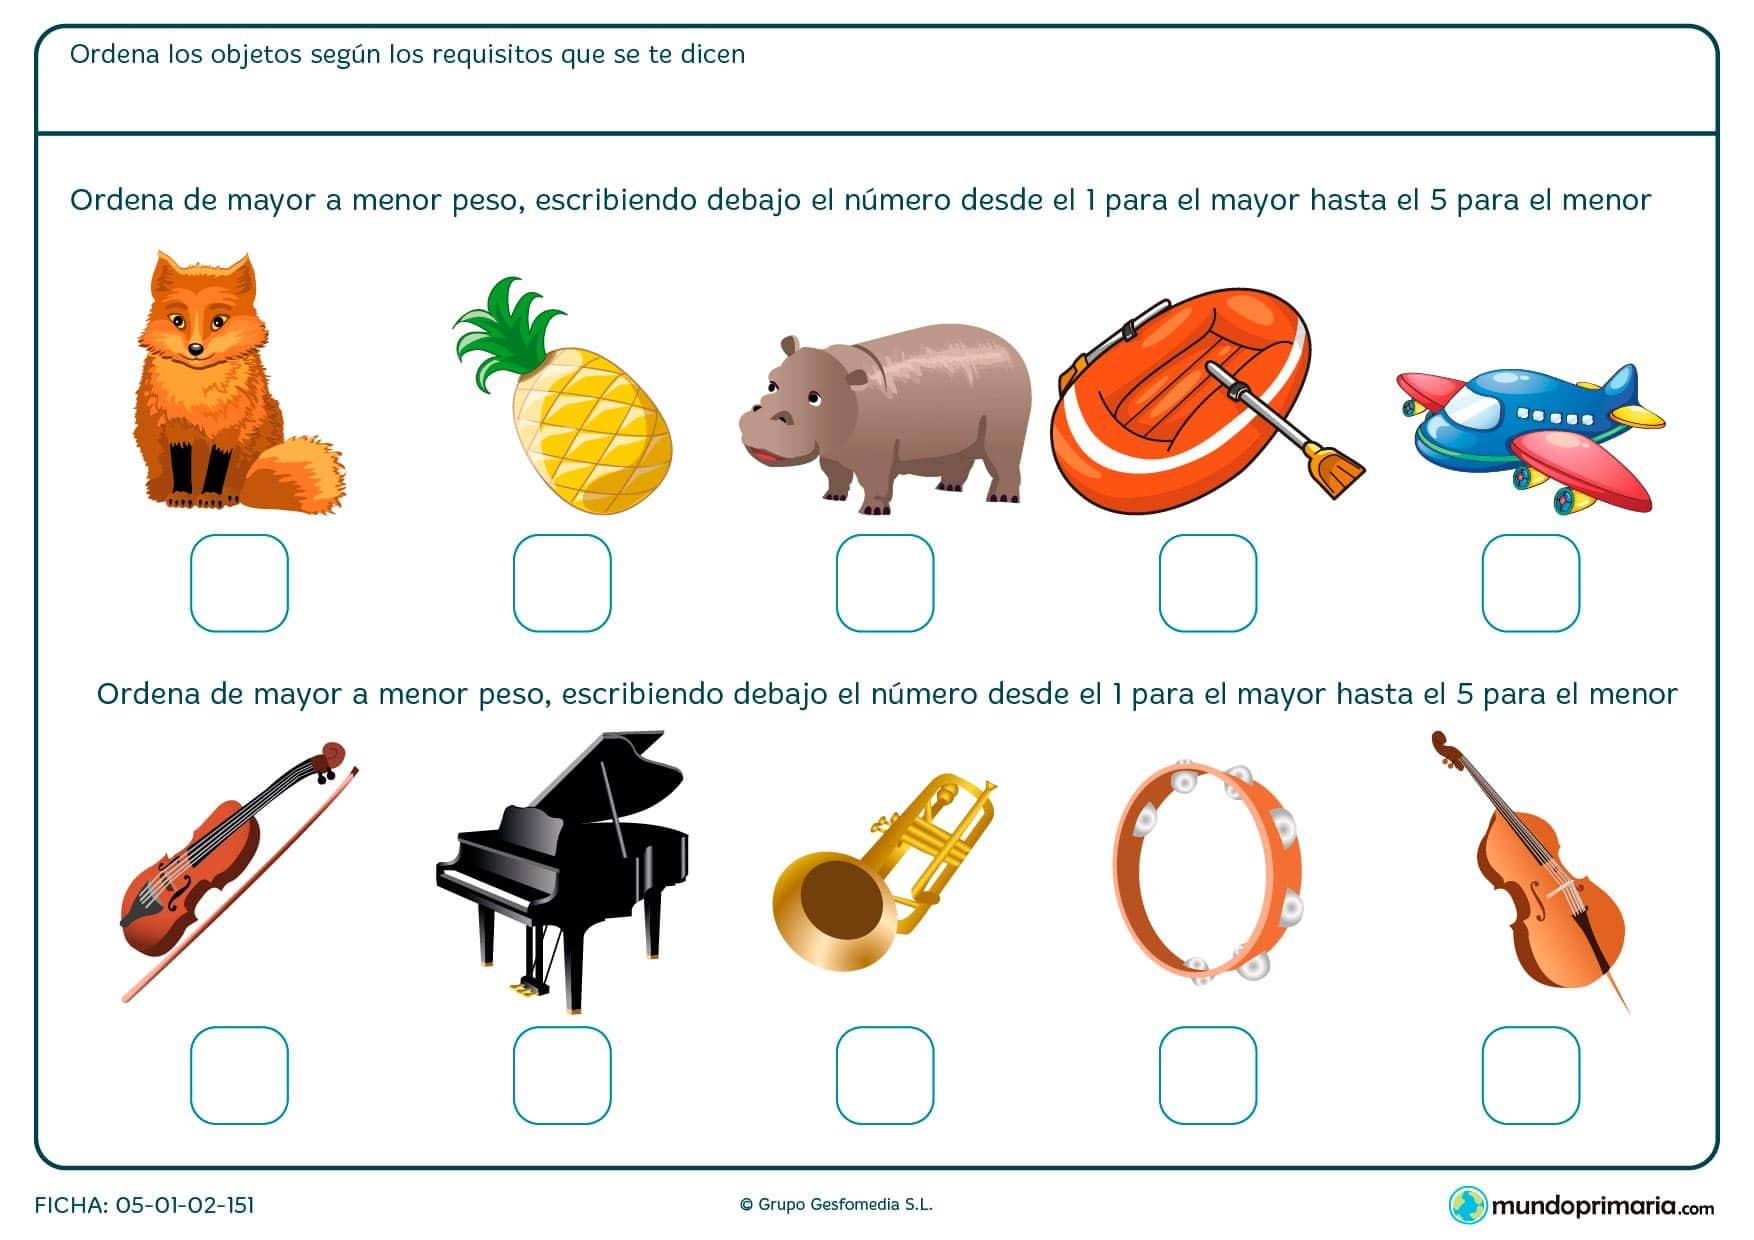 Pon números del 1 al 5 para ordenar las imágenes por peso.